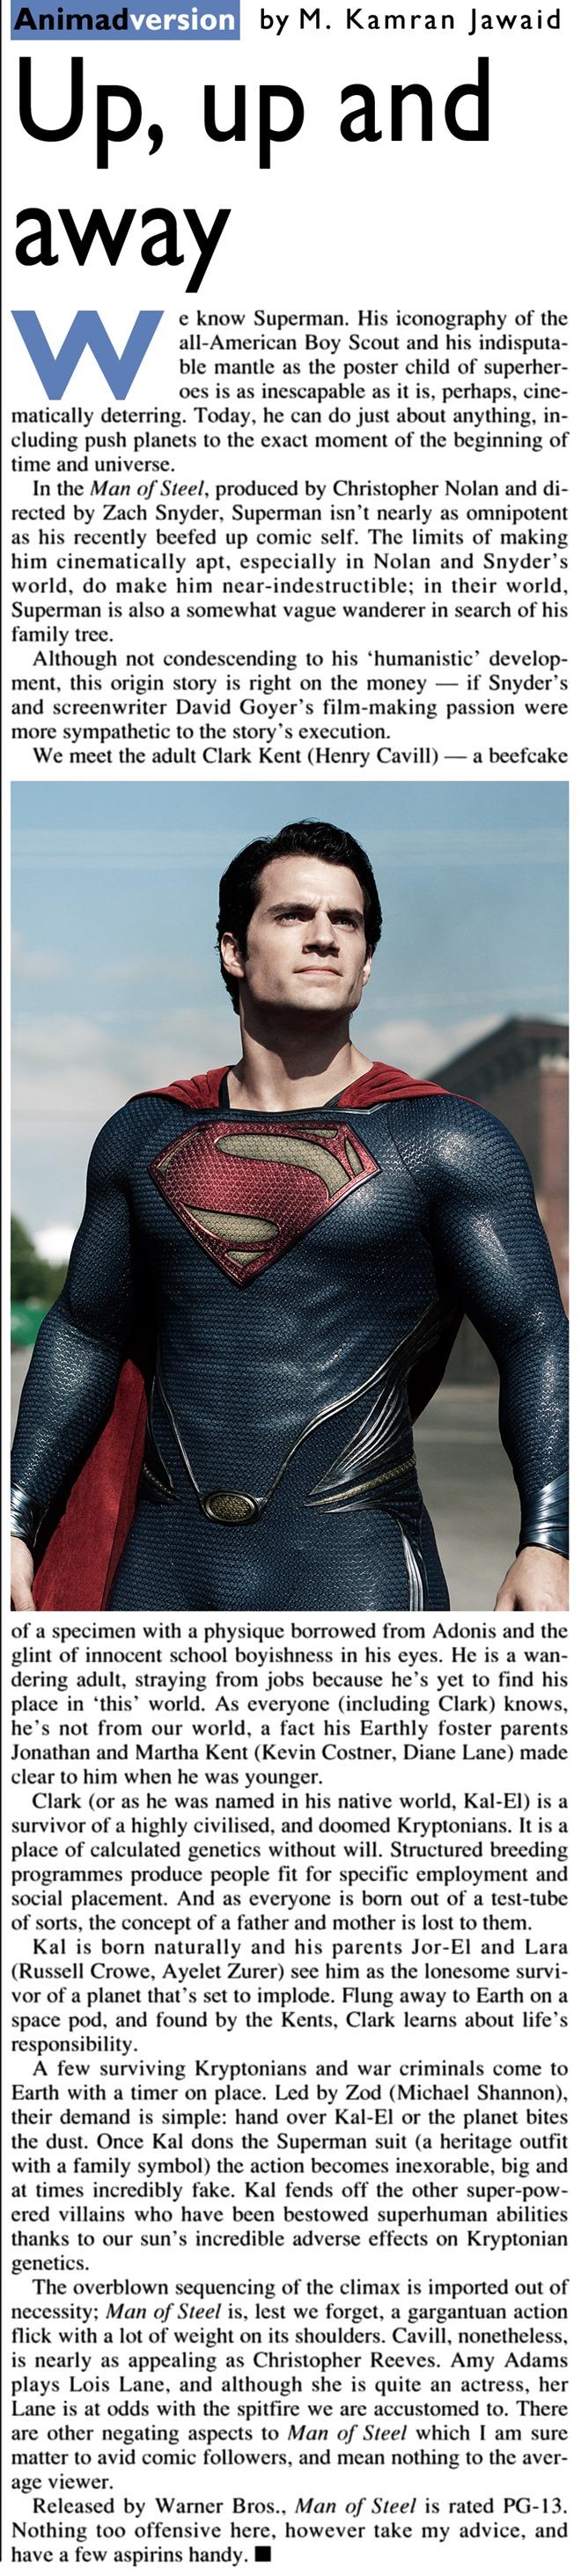 June 30 2013 - Man of Steel (Reset)